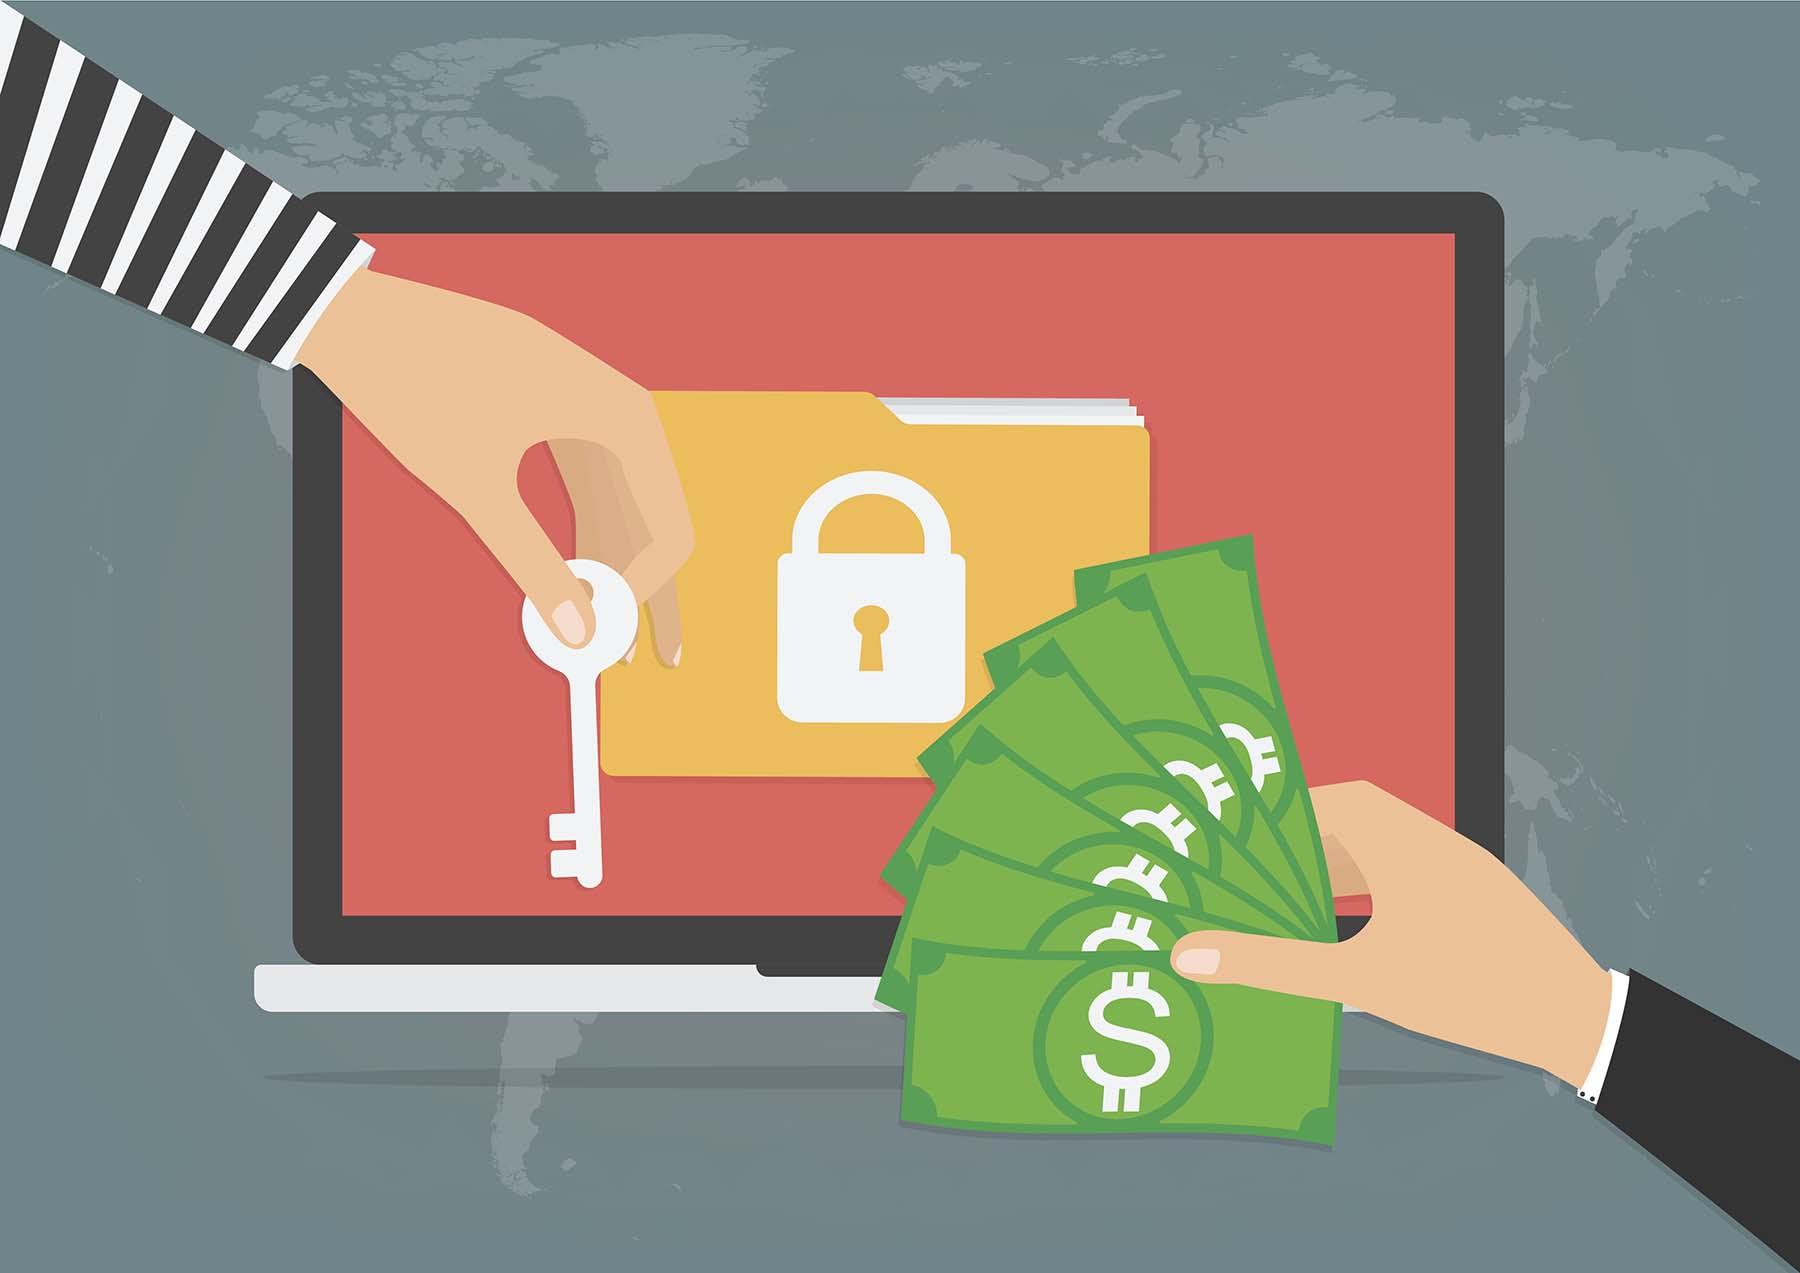 Wereldwijde ransomwareaanval gaande. Minimaal 1000 bedrijven slachtoffer